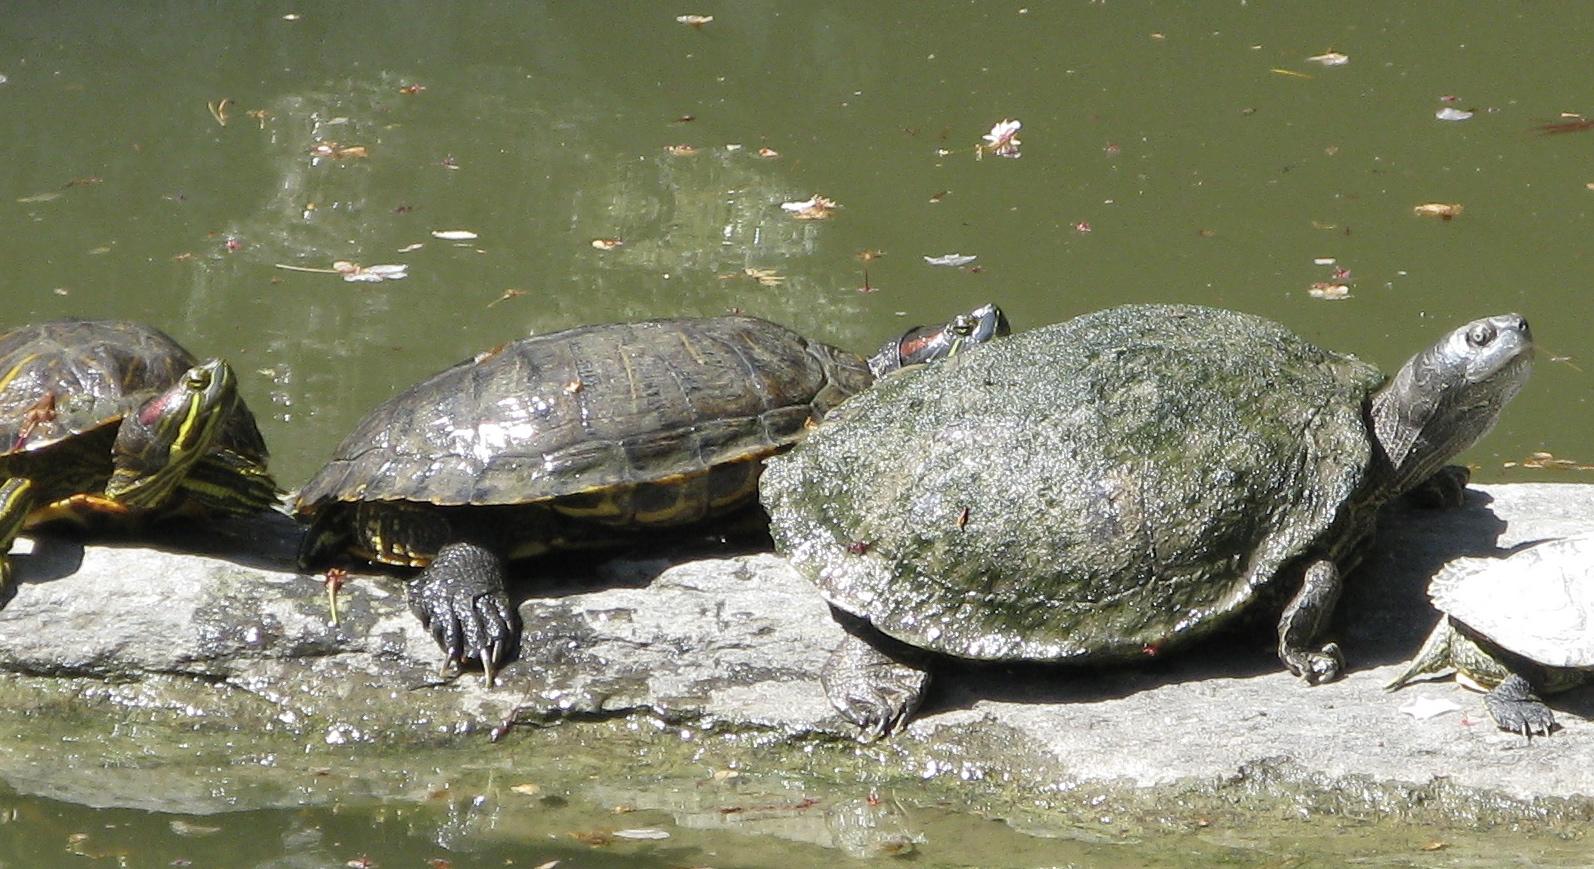 turtles backyard and beyond